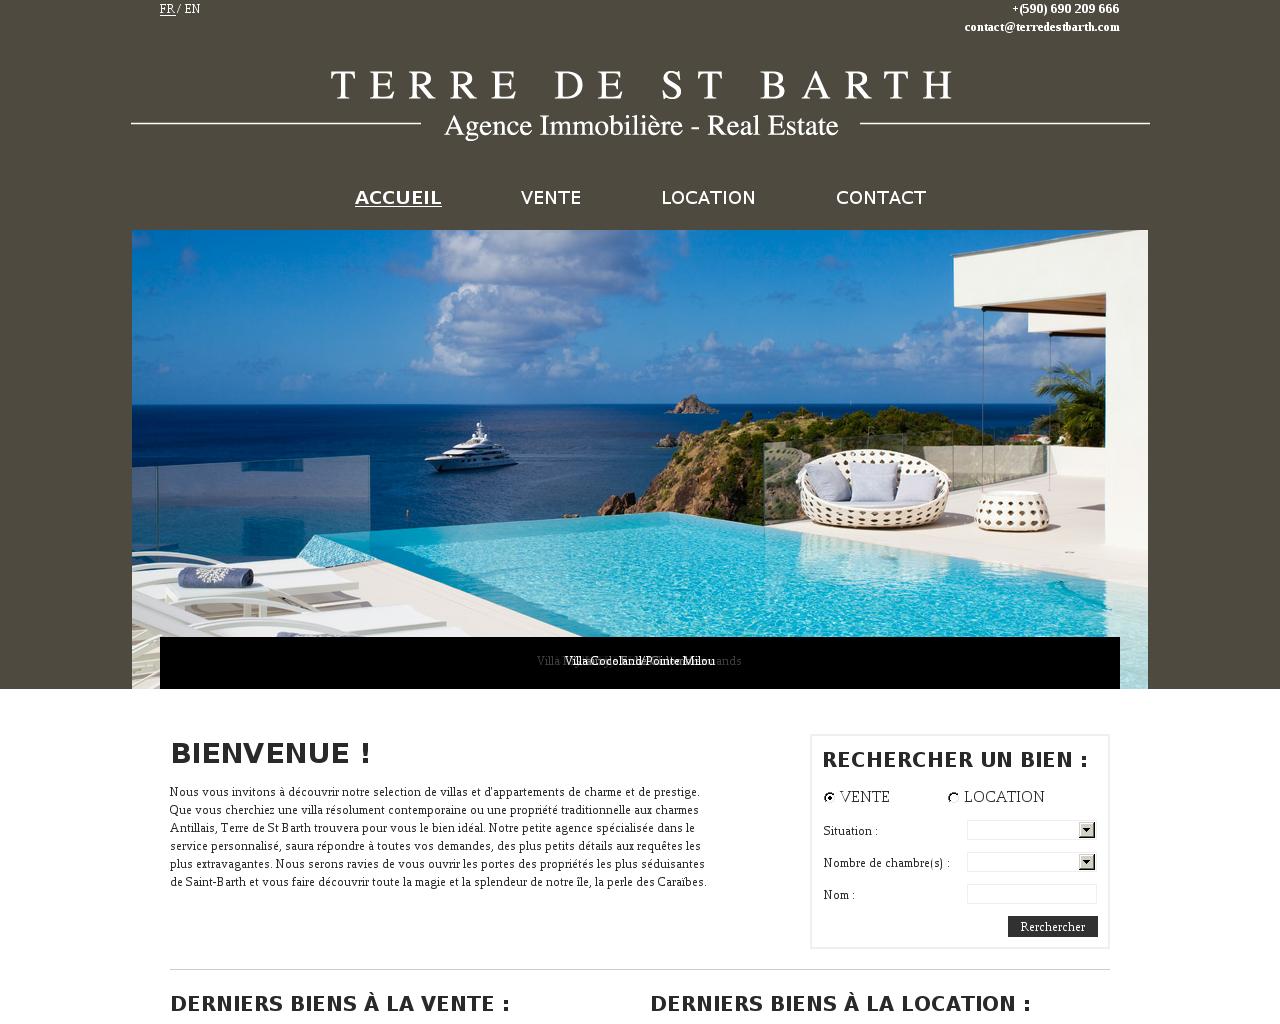 Agences immobili res sur la commune de saint barthelemy for Agence immobiliere 47